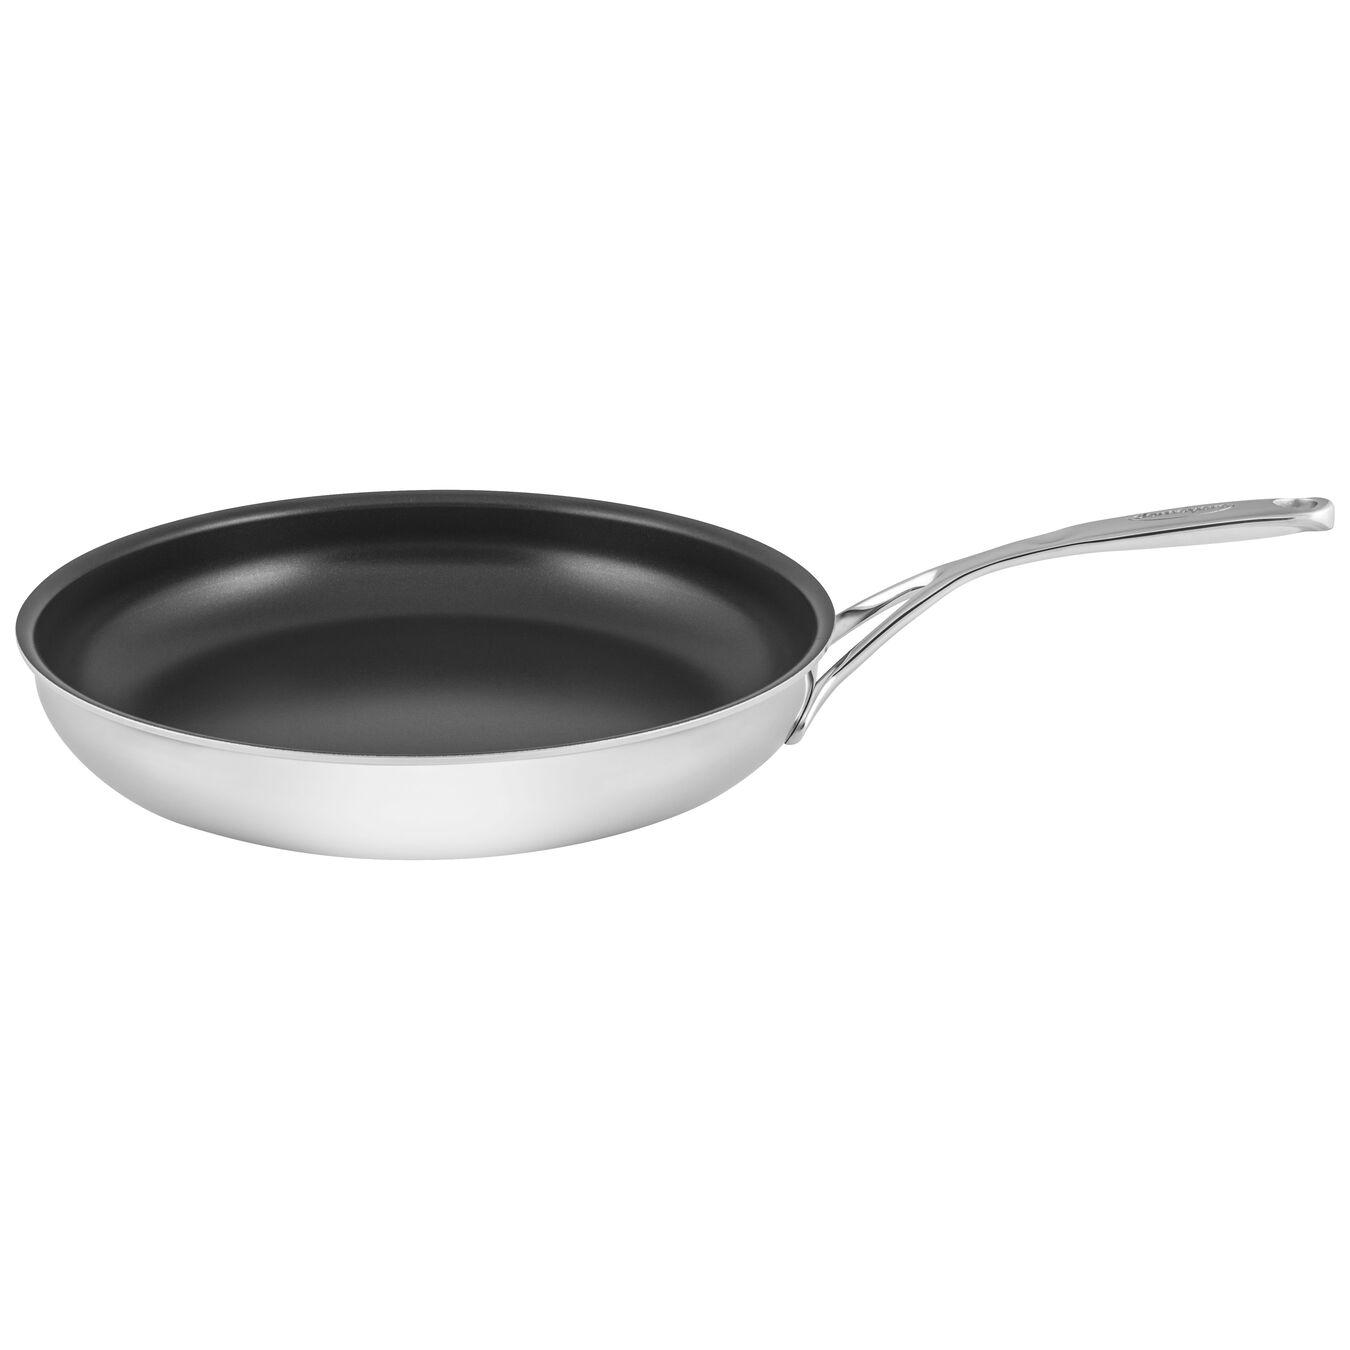 Poêle 32 cm, Inox 18/10, Silver-Black,,large 1